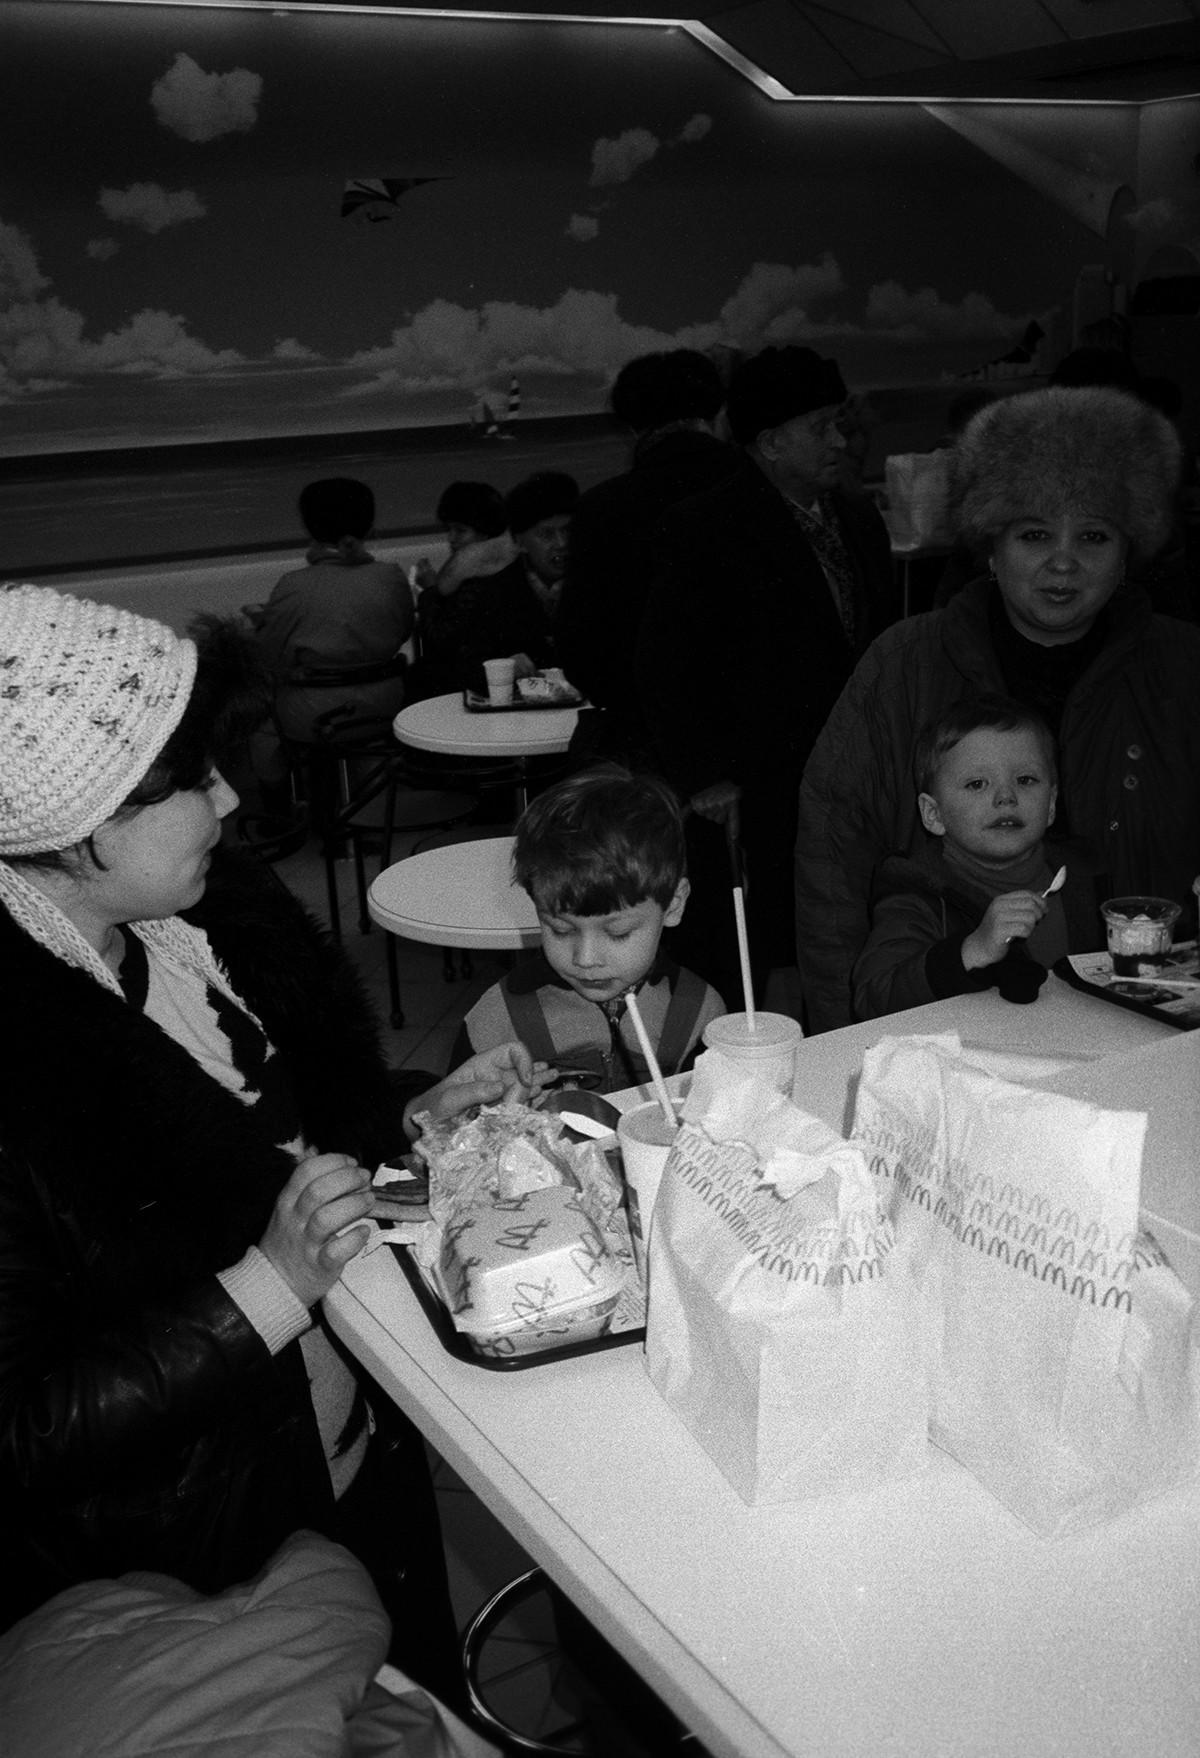 ソ連初のマクドナルドの開店、1990年